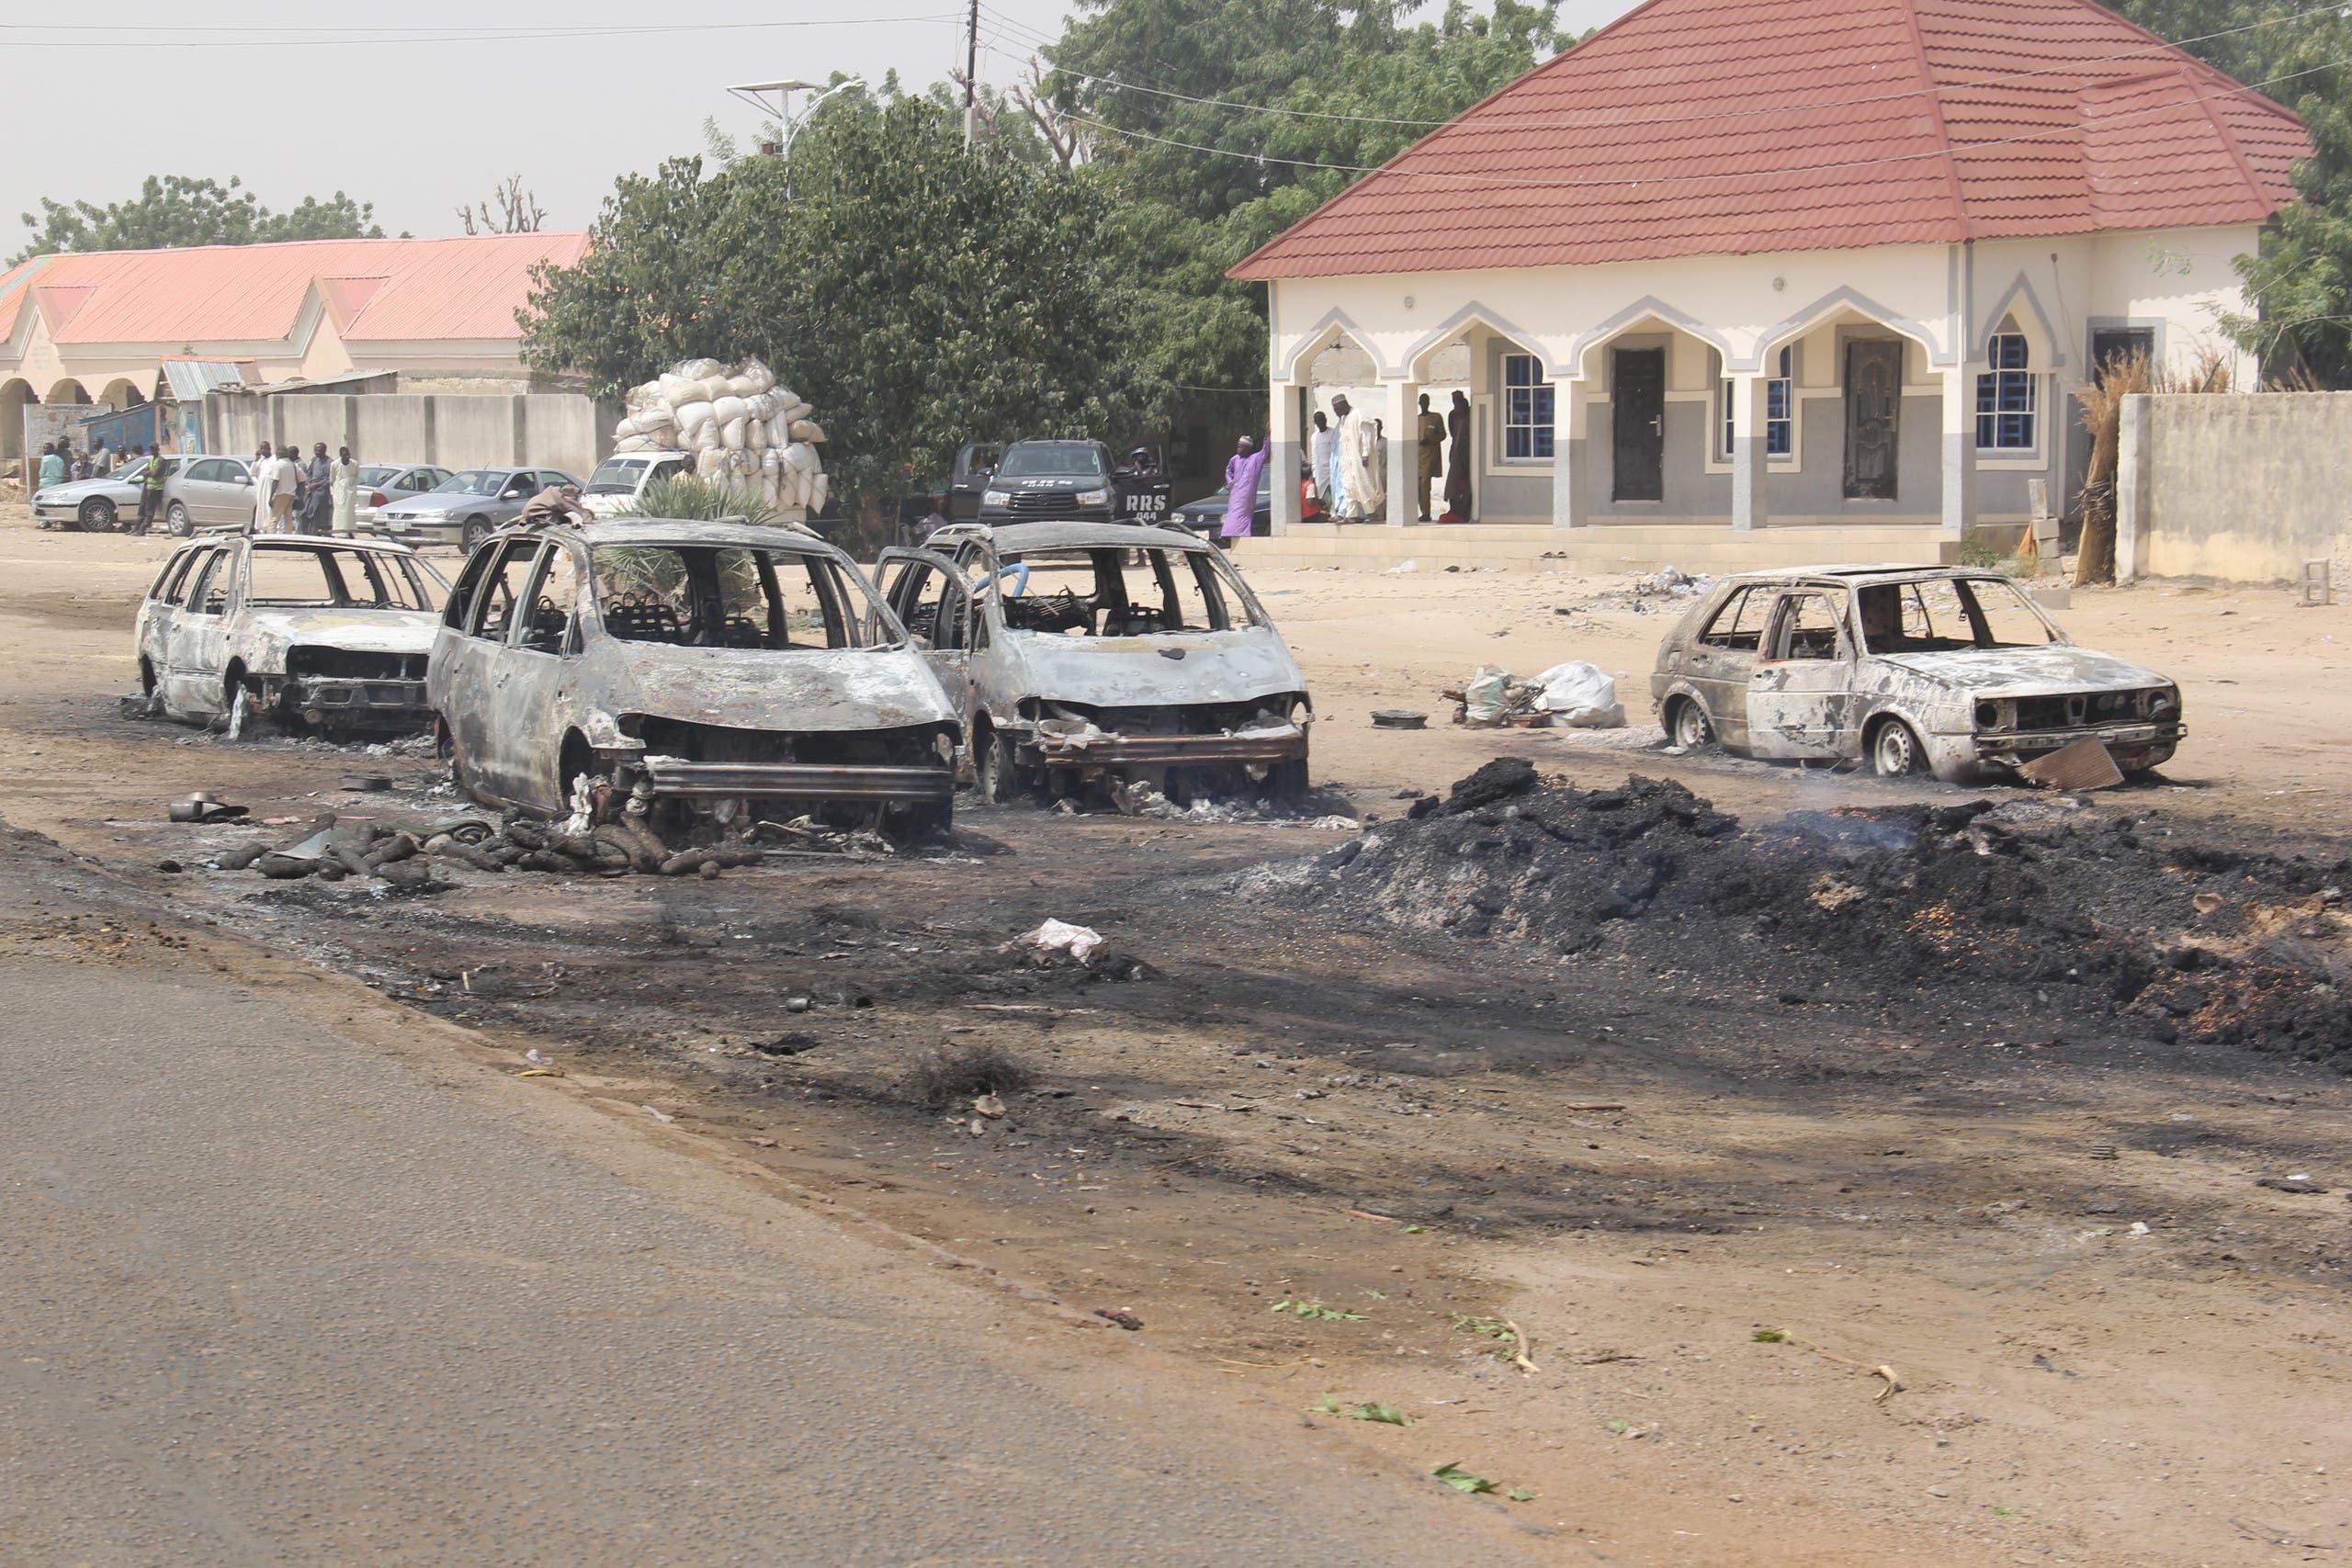 بلدة اجتاحها المتطرفون في نيجريا في فبراير الماضي وأحرقوا سياراتها